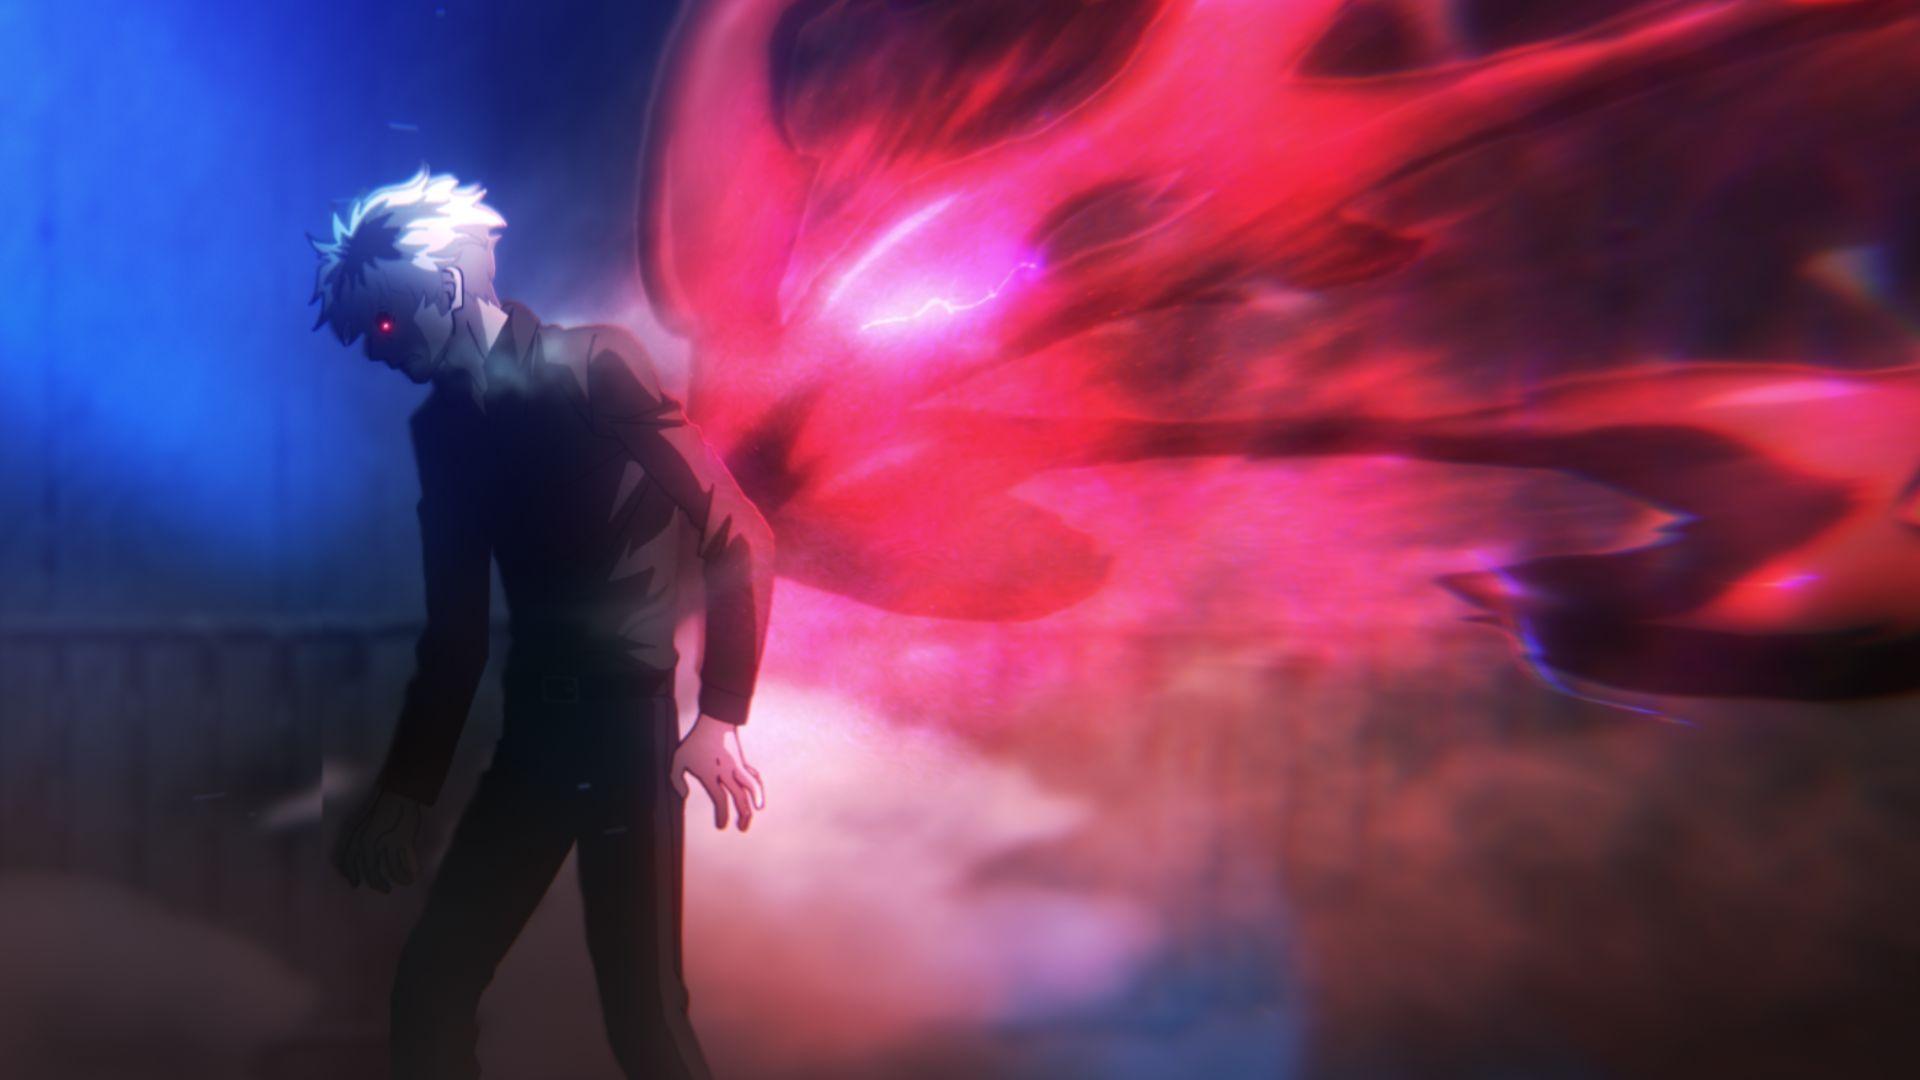 TVアニメ『東京喰種トーキョーグール:re』通期第23話より先行場面カット・あらすじ到着-140